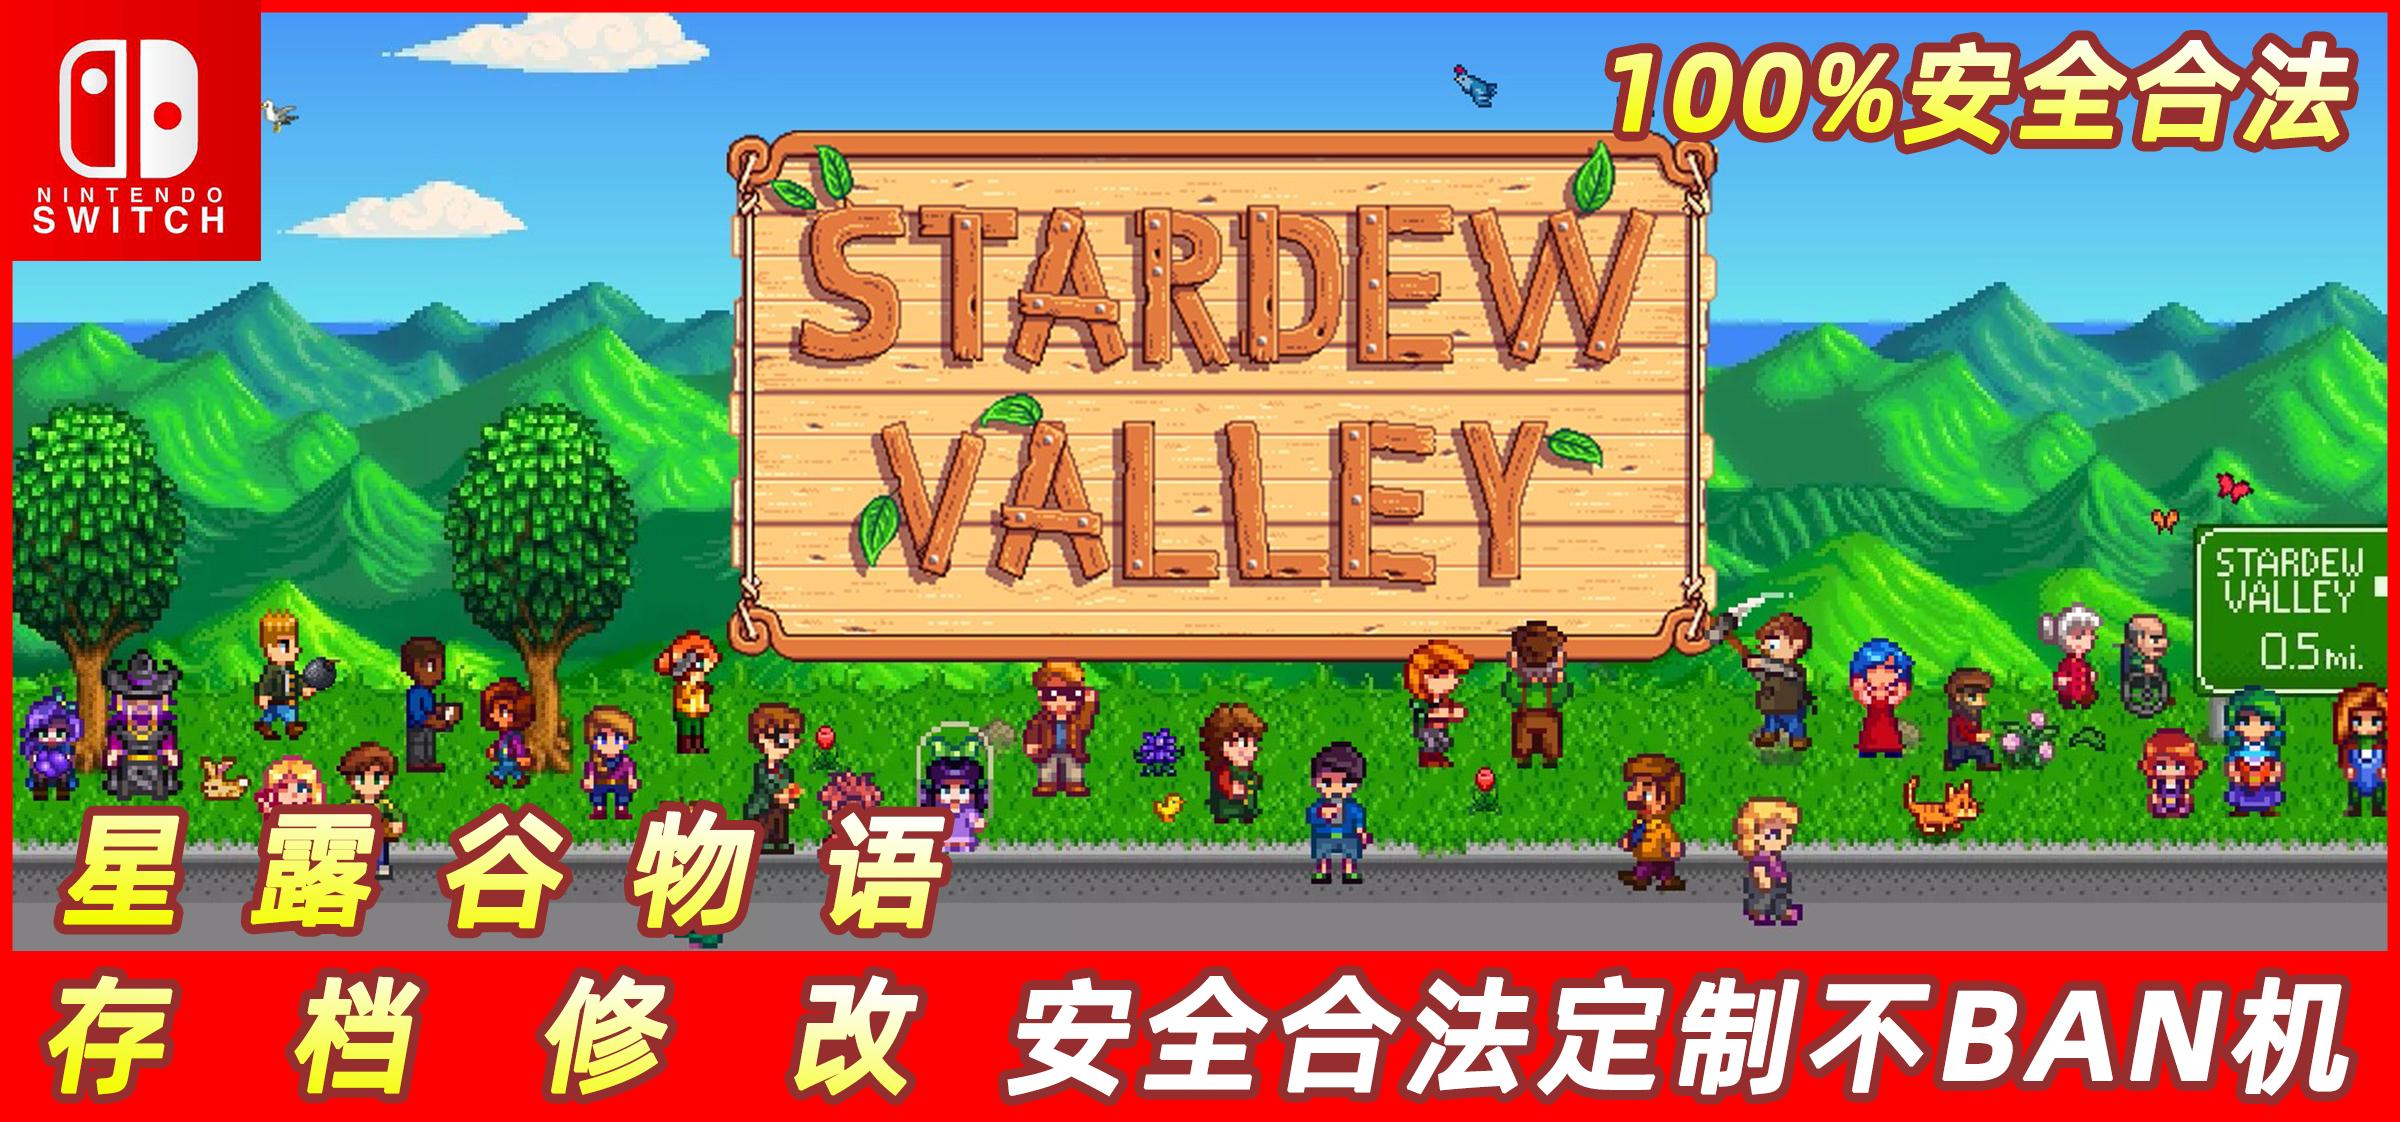 Switch游戏 星露谷物语存档修改